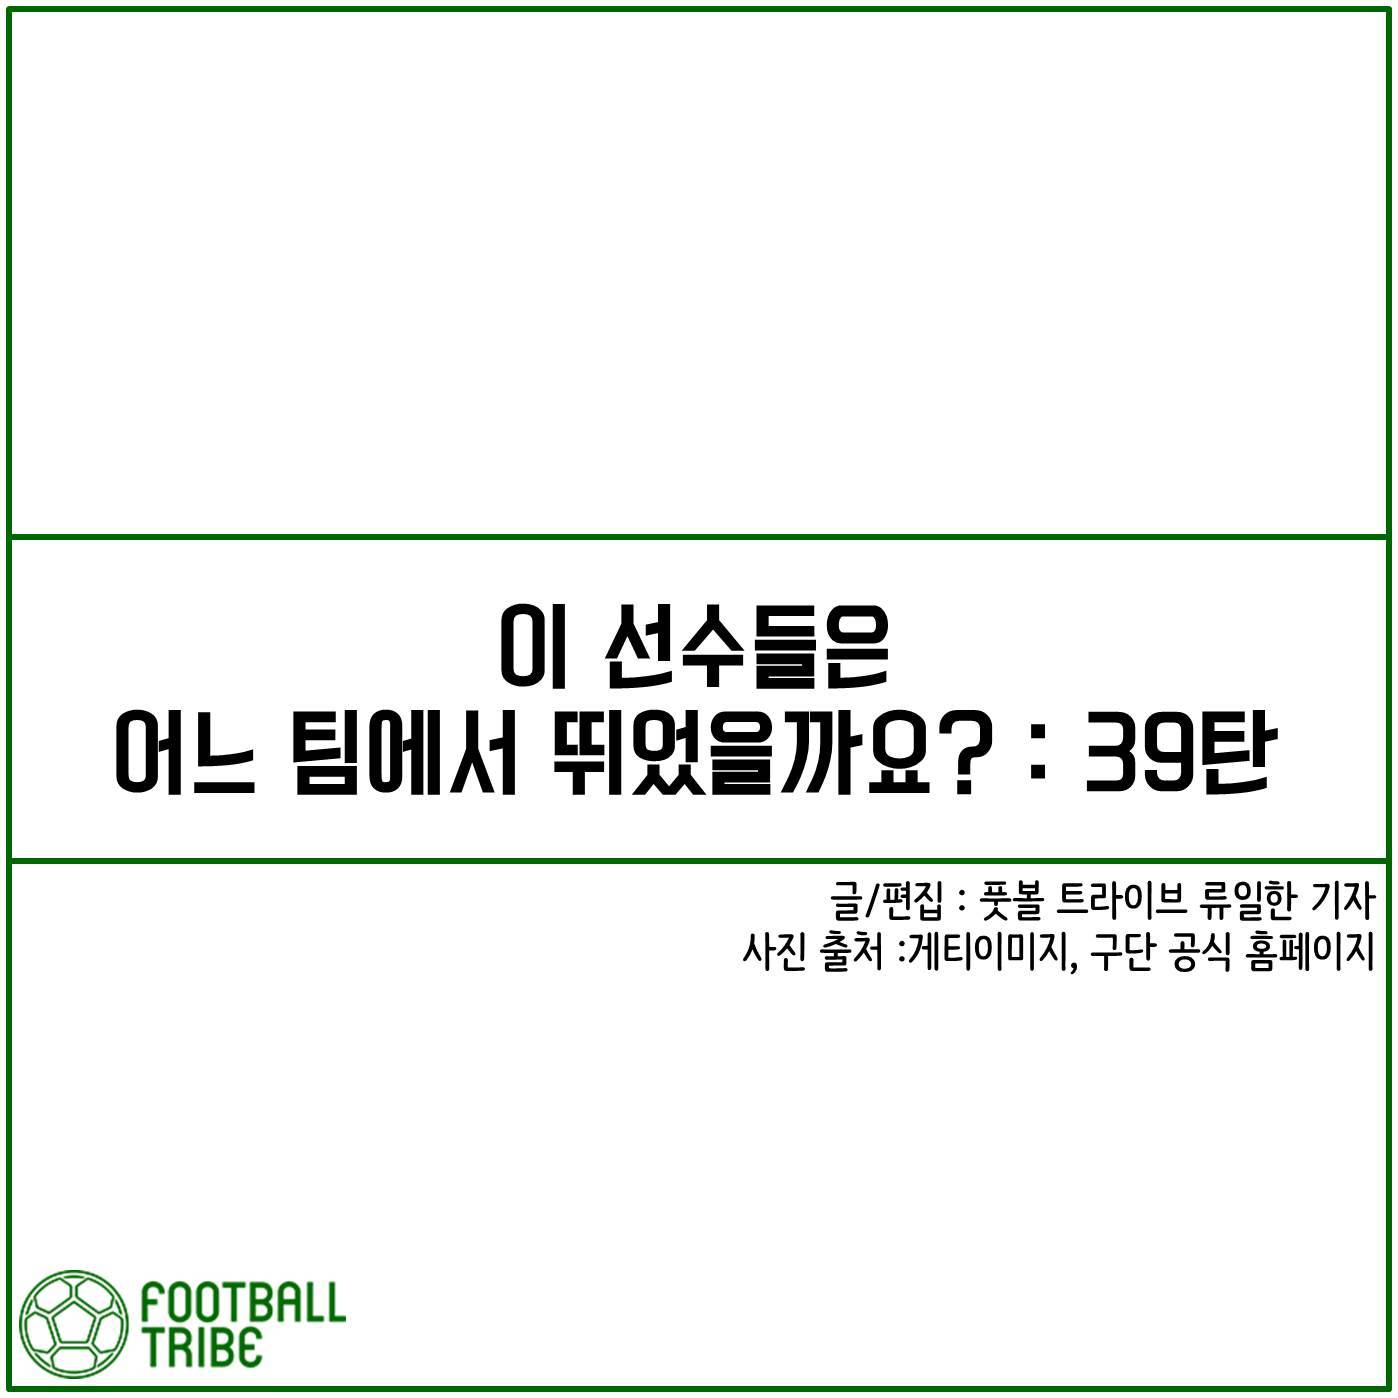 [카드 뉴스] 이 선수들은 어느 팀에서 뛰었을까요?: 39탄